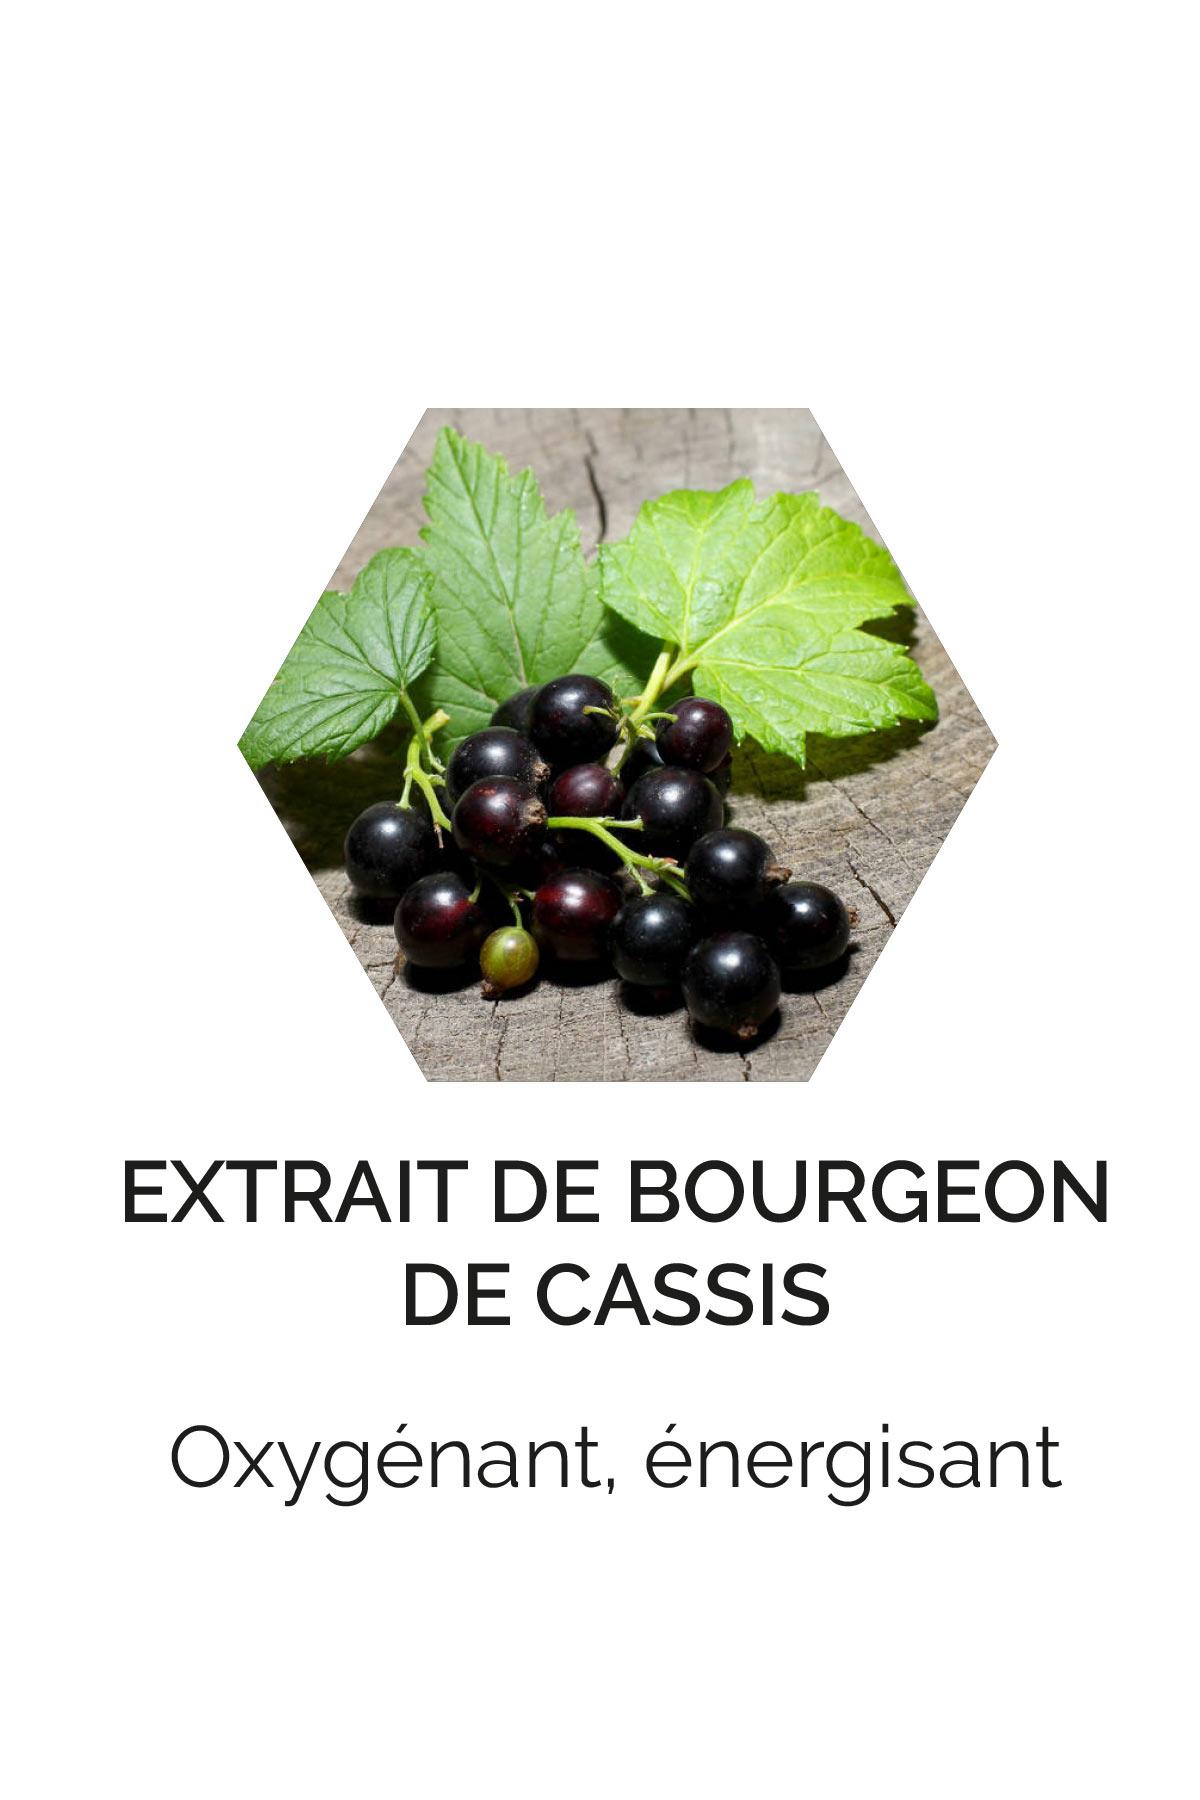 Extraits de bourgeons de cassis